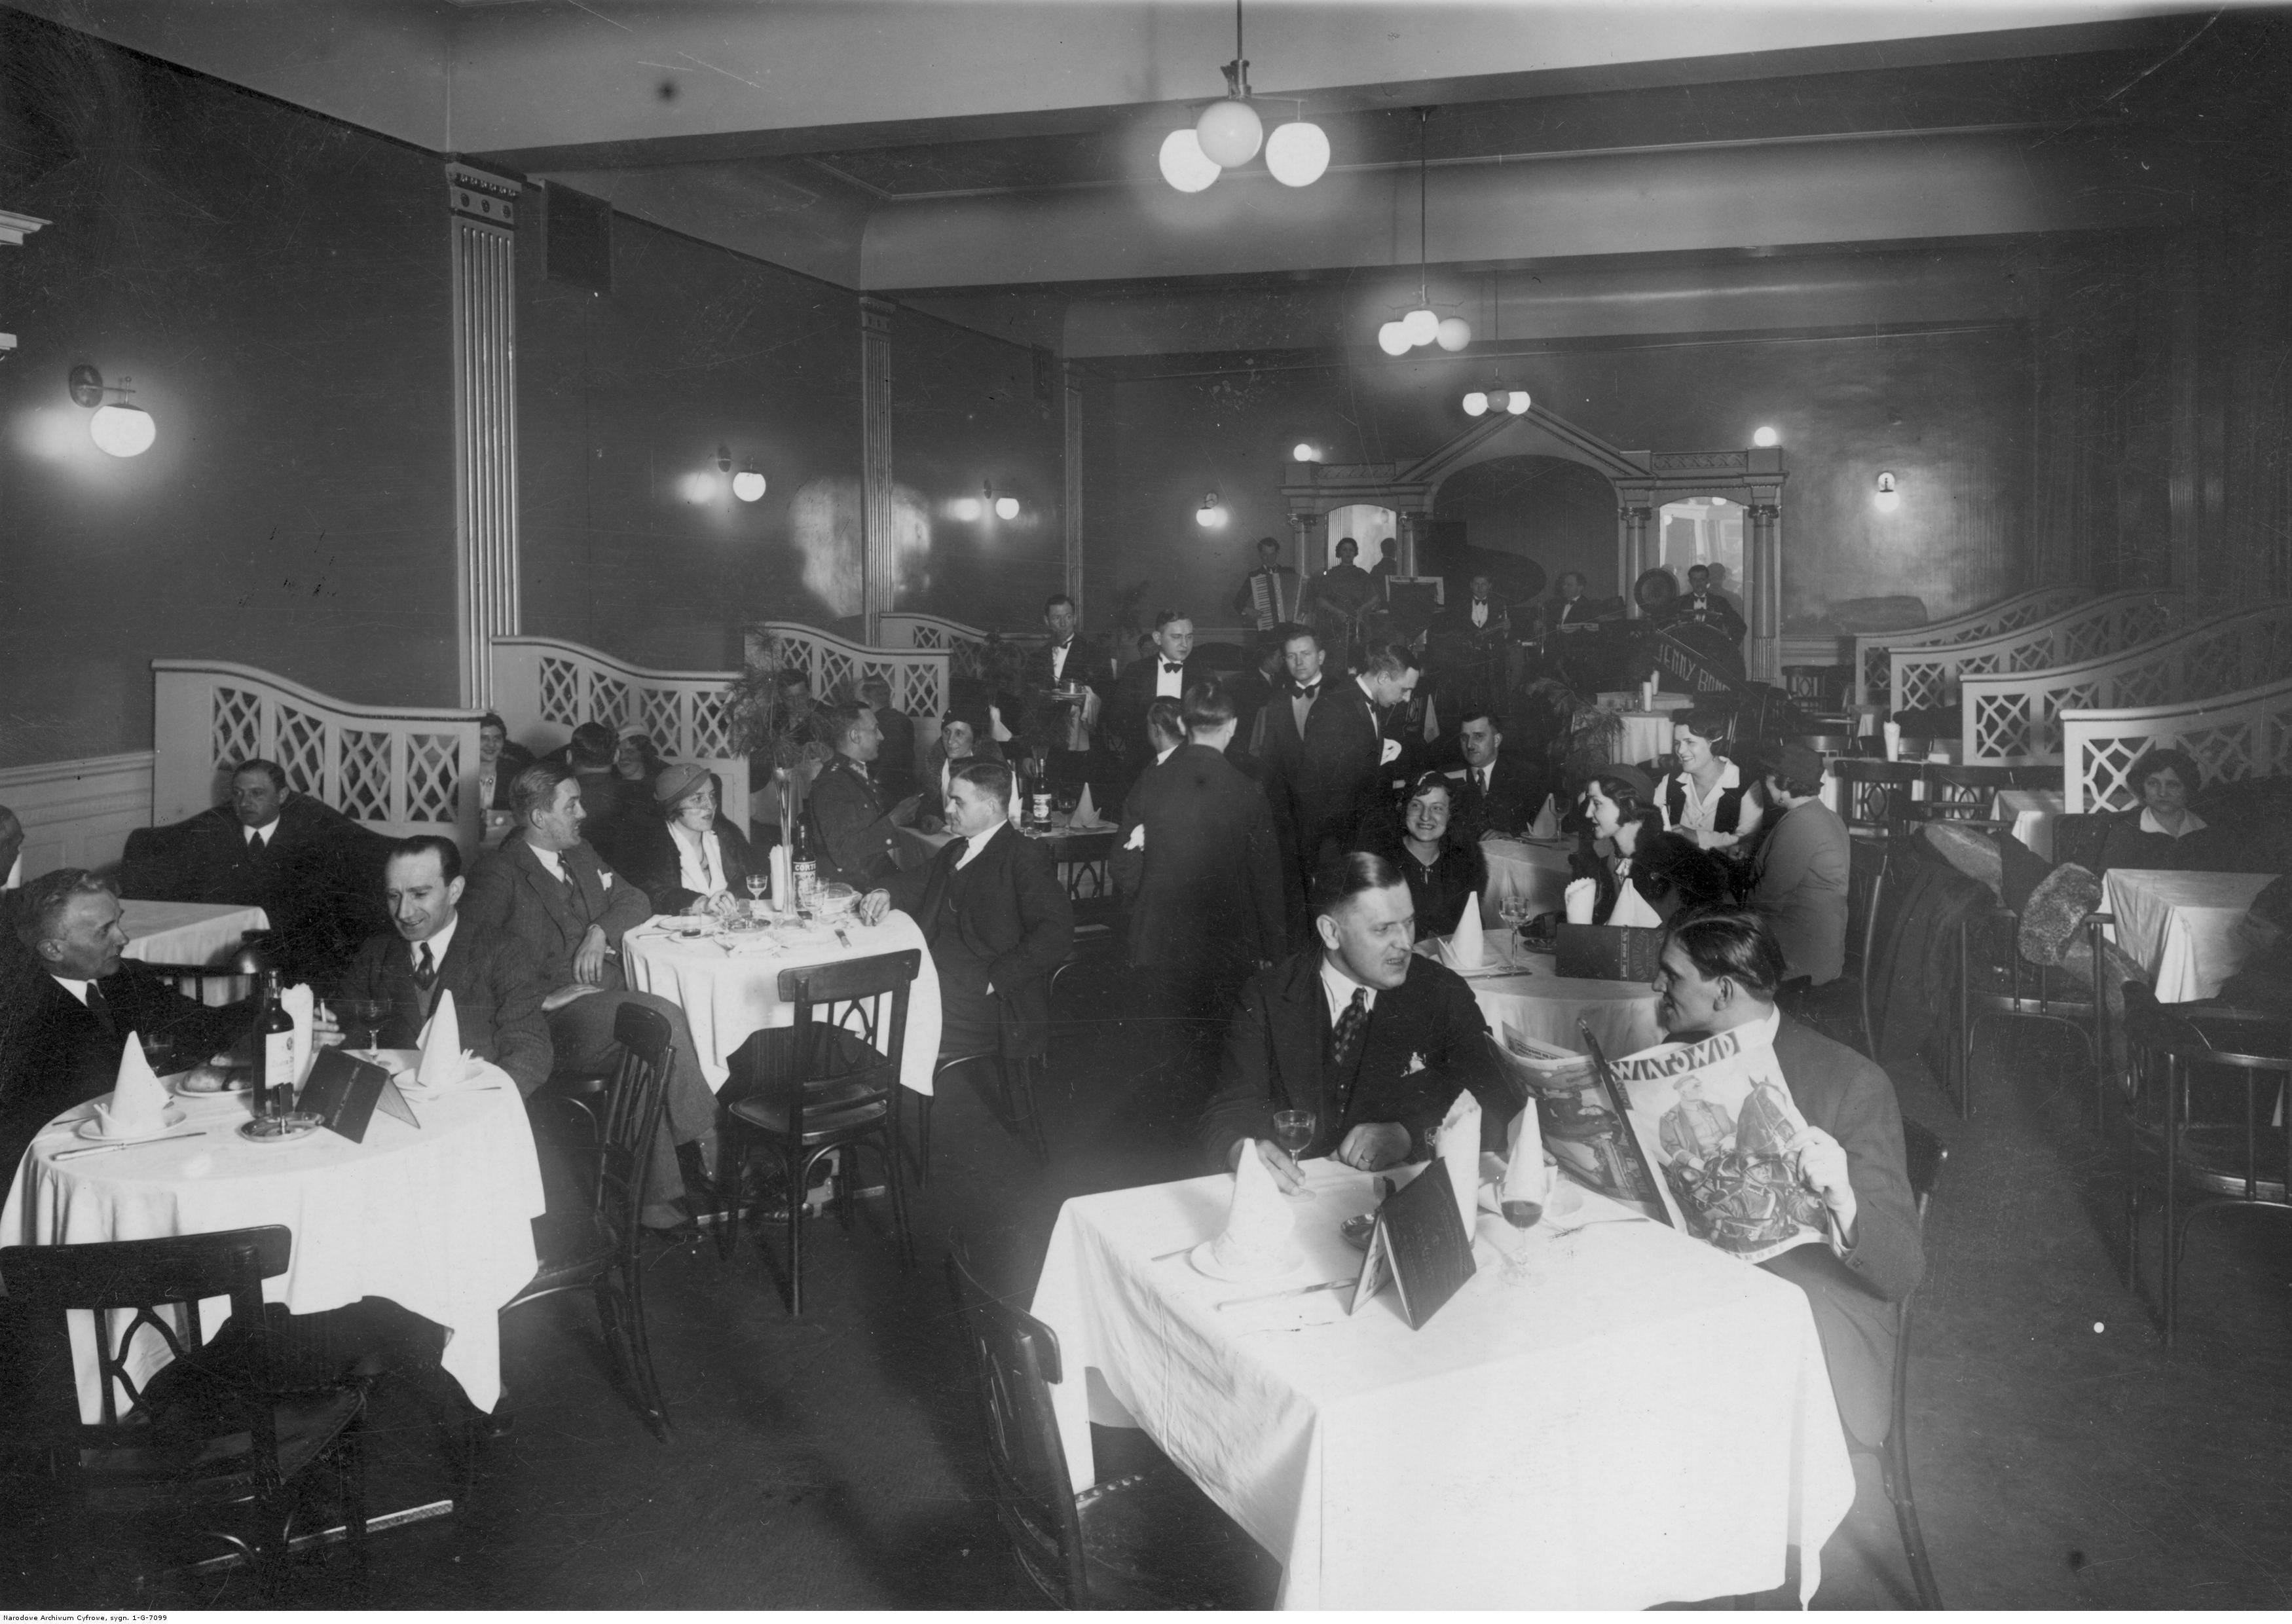 Goście siedzący przy kawiarnianych stolikach.